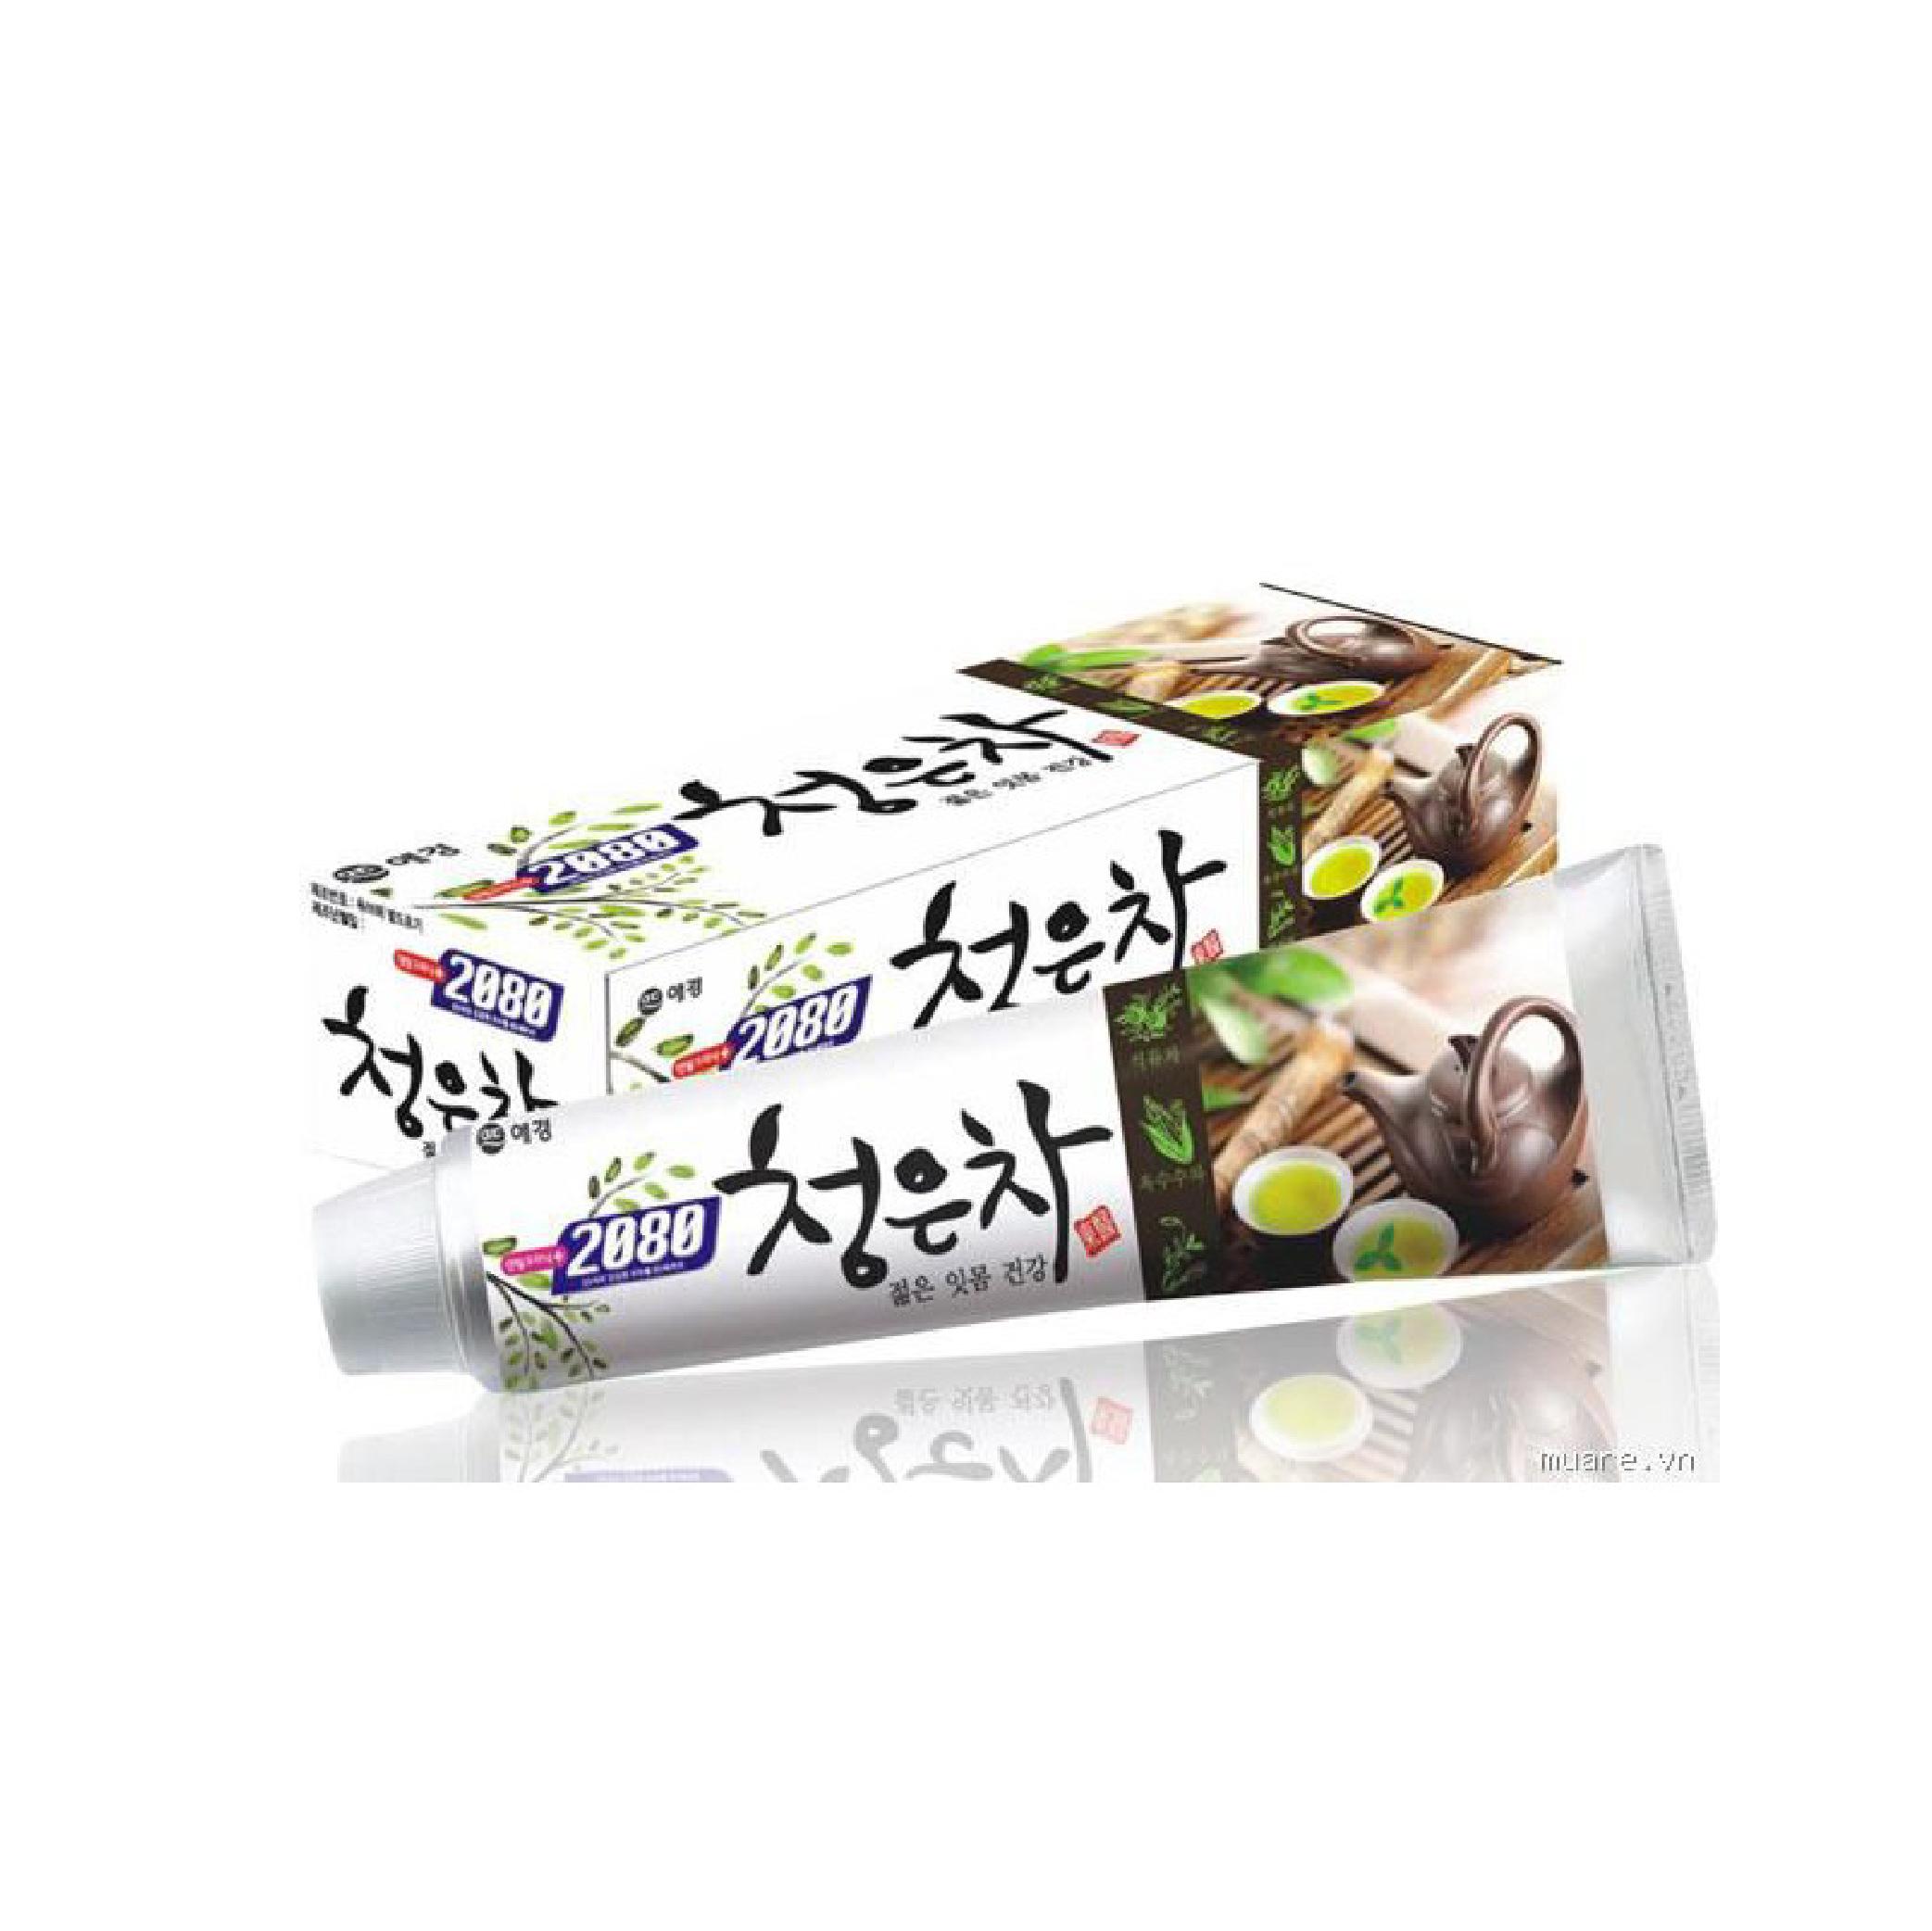 Kem đánh răng cao cấp ngừa chảy máu chân răng và đau răng 2080 CHEONG EUN CHA 160g - Hàn Quốc Chính Hãng